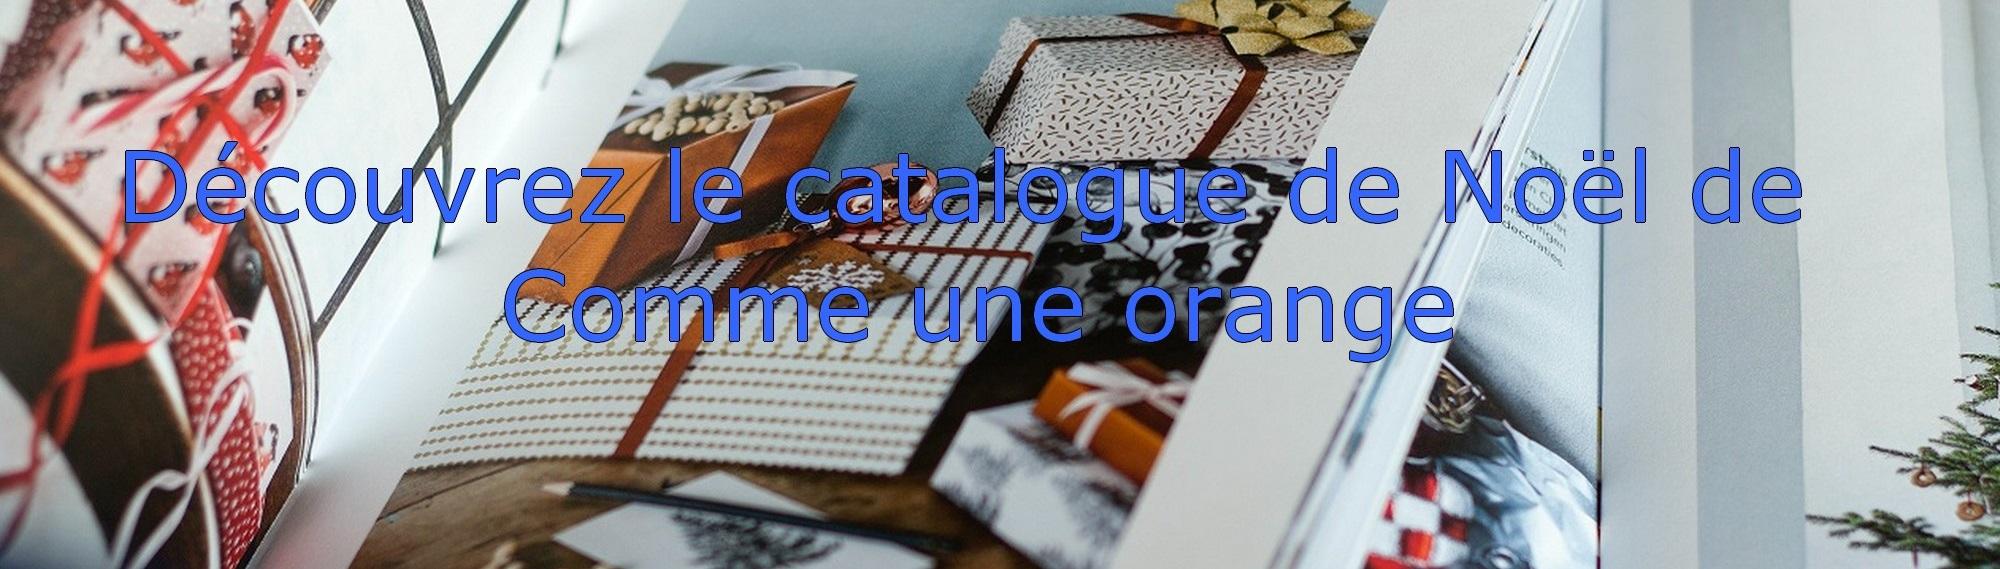 Catalogue de Noël de Comme une orange